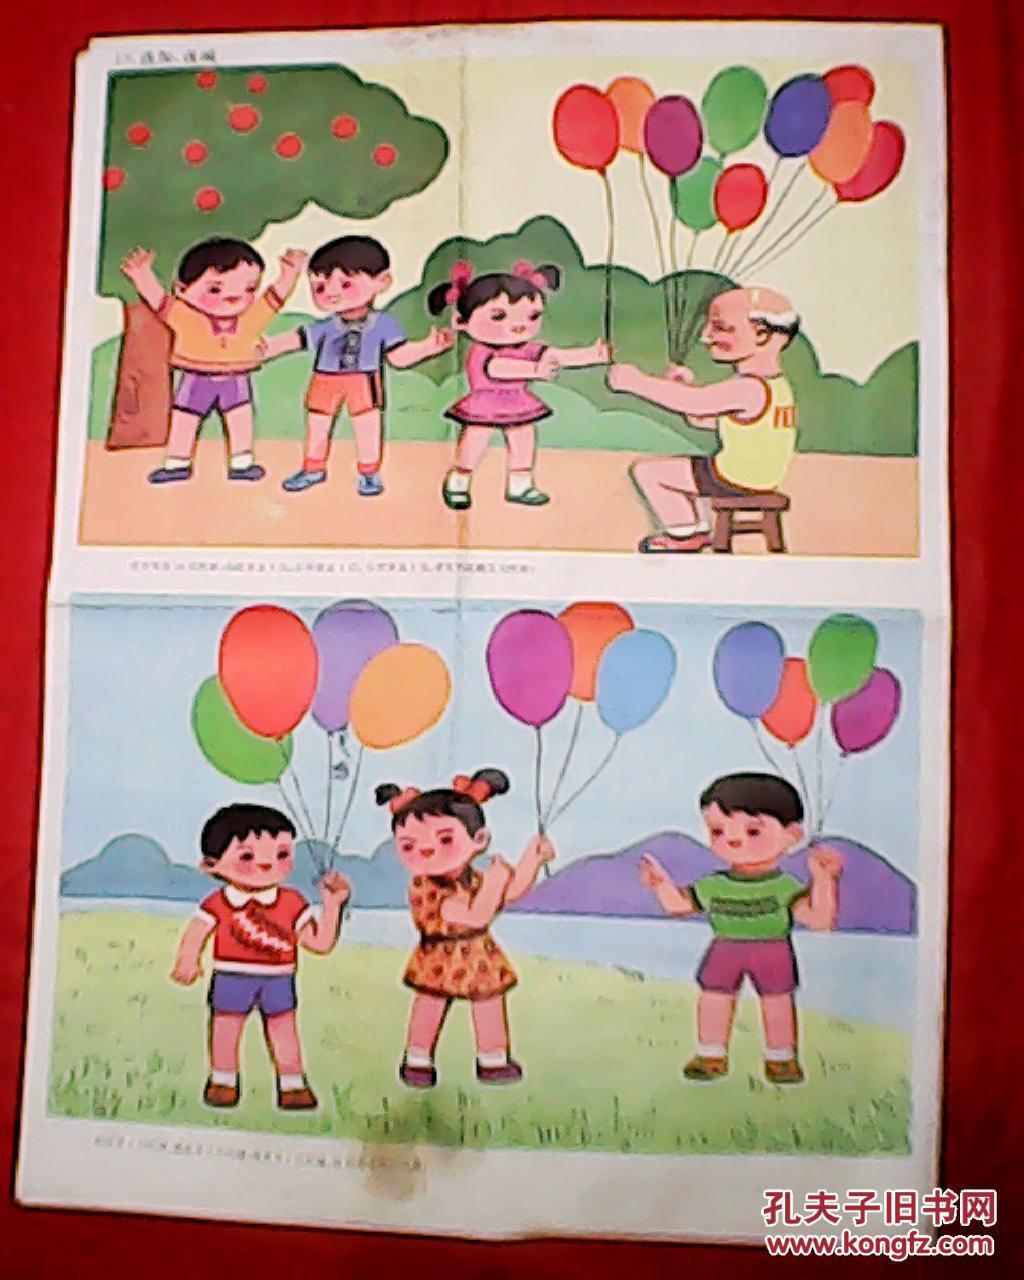 王金彩,徐毅,潘逸民绘画作品《幼儿园大班计算挂图——连加,连减》(此